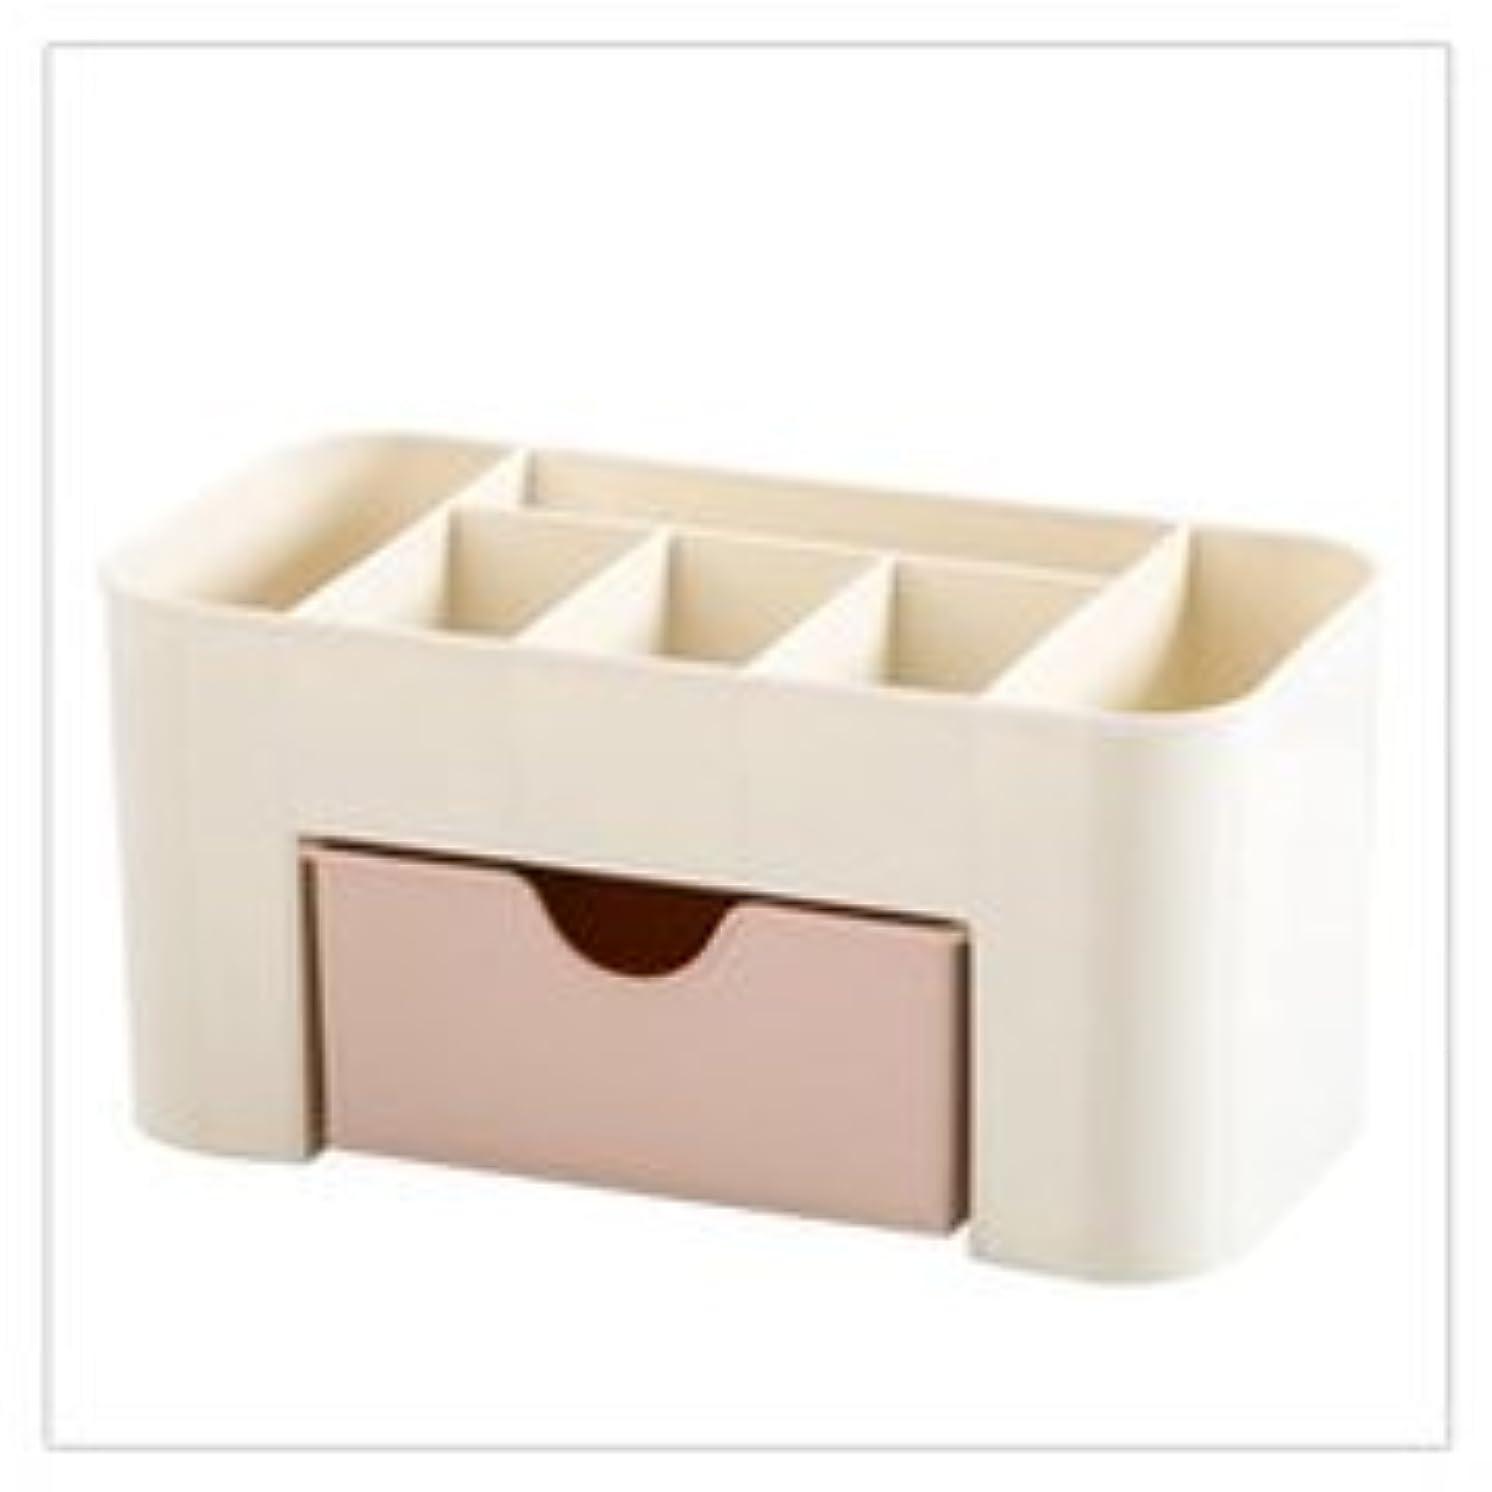 無法者捧げる化学化粧品収納ボックス化粧品引き出し仕上げボックスデスクトップジュエリースキンケアパックフレームドレッサー (Color : ピンク)